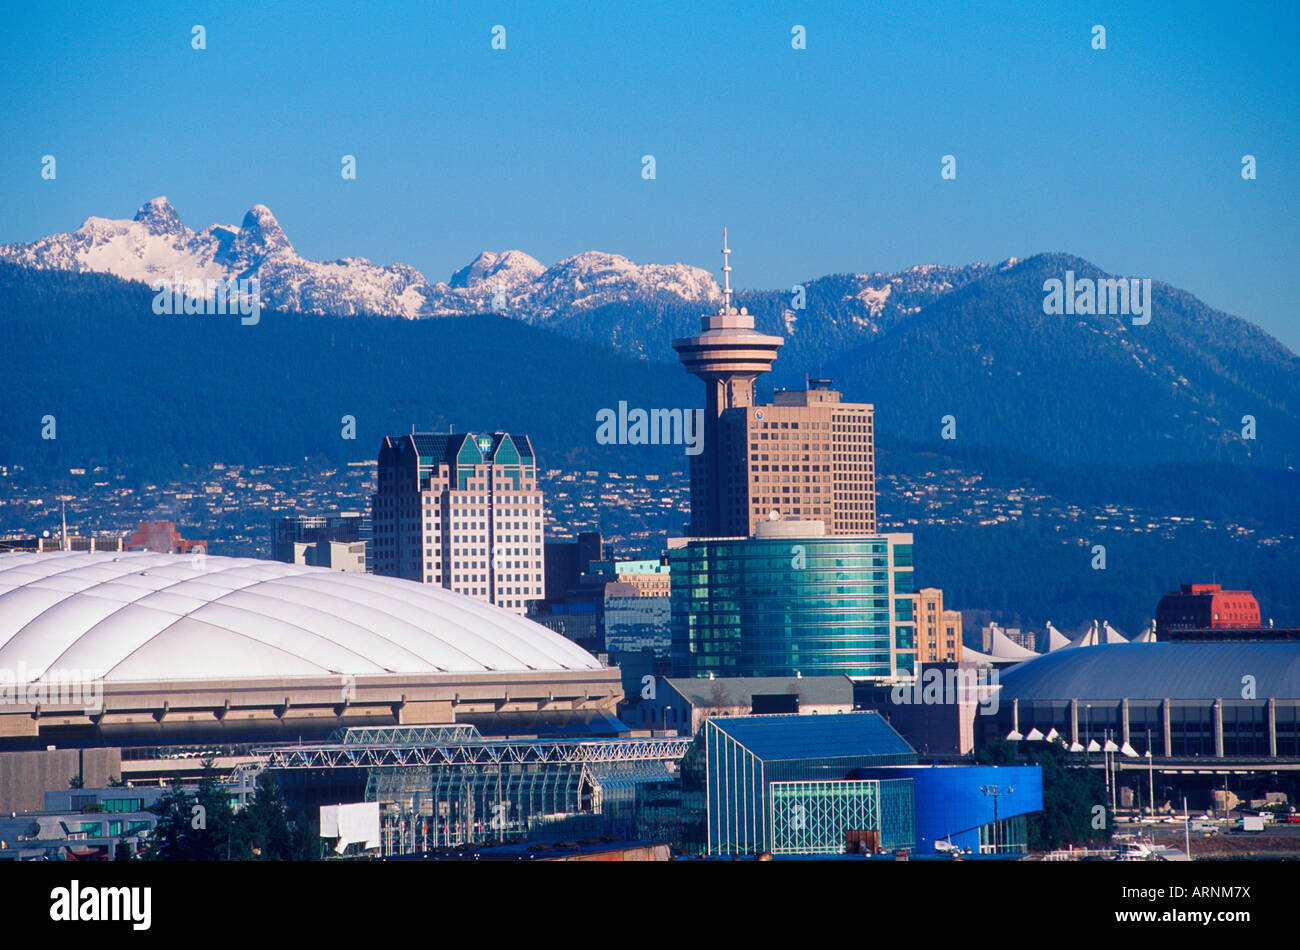 Skyline der Innenstadt von Gebäuden mit BC und GM Place, Vancouver, Britisch-Kolumbien, Kanada. Stockfoto